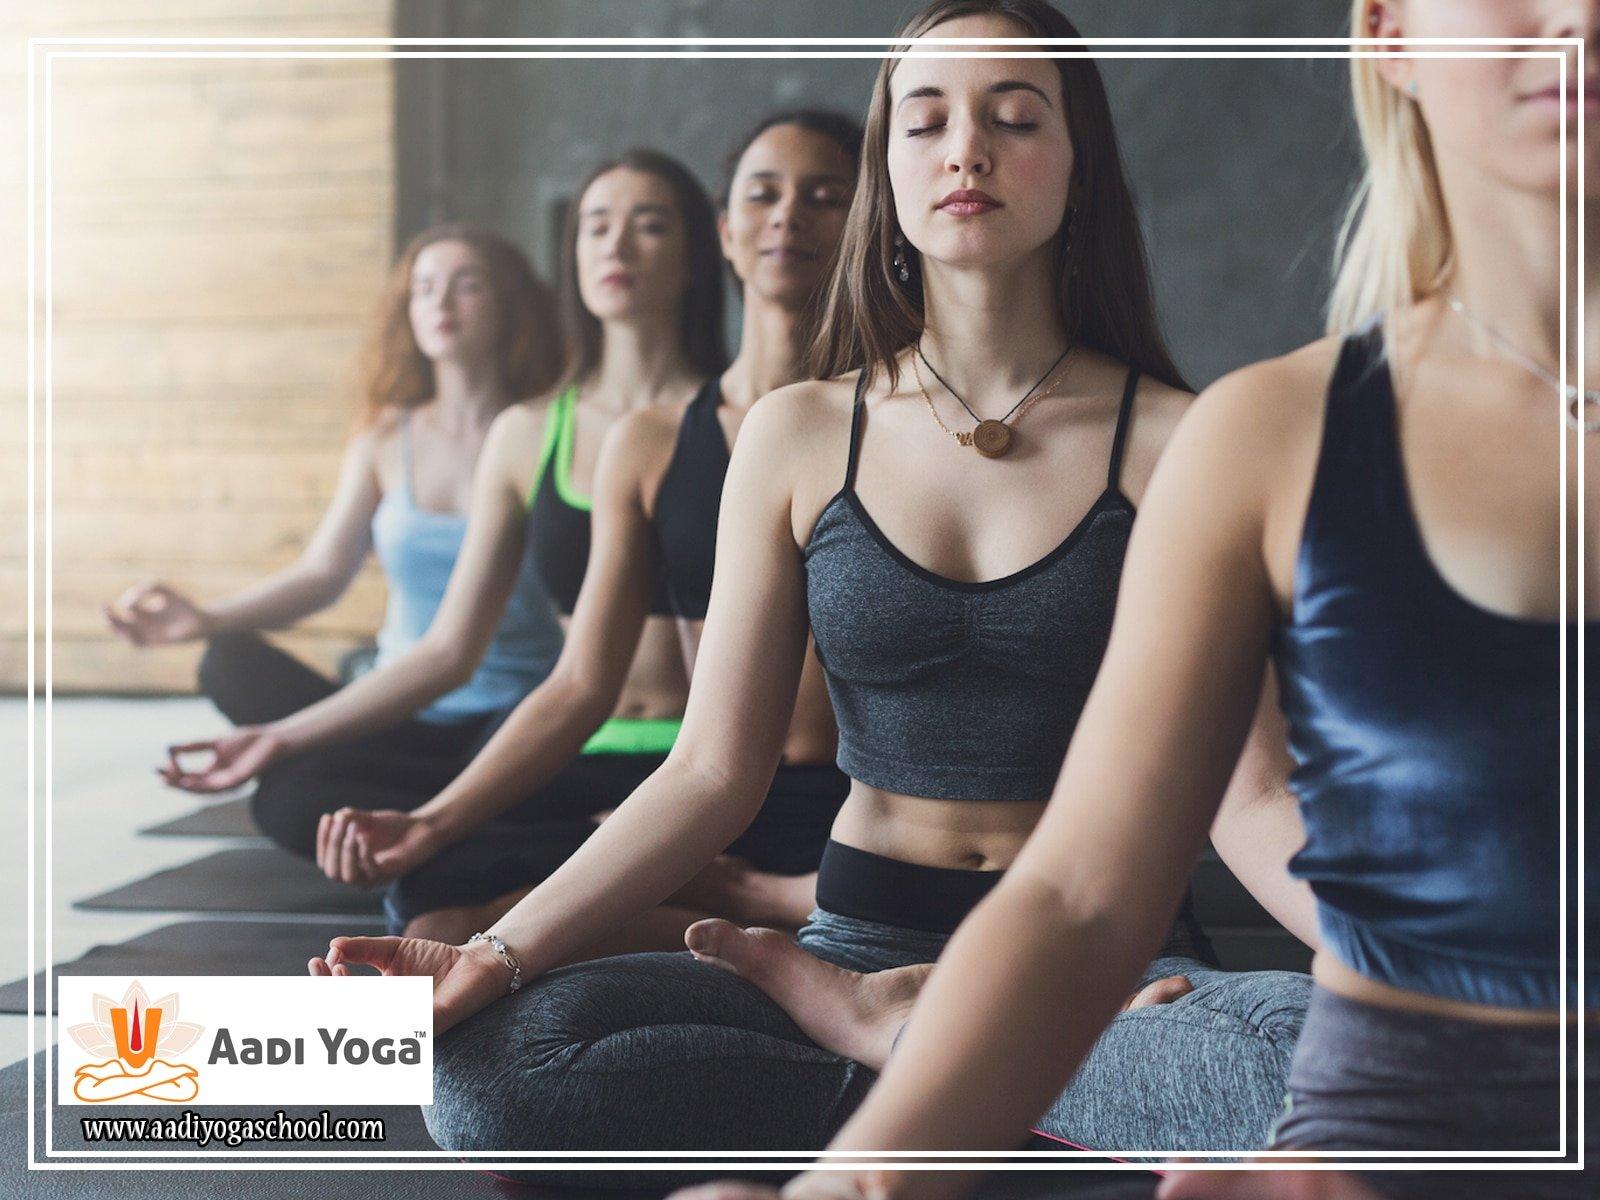 One Week Yoga Retreat